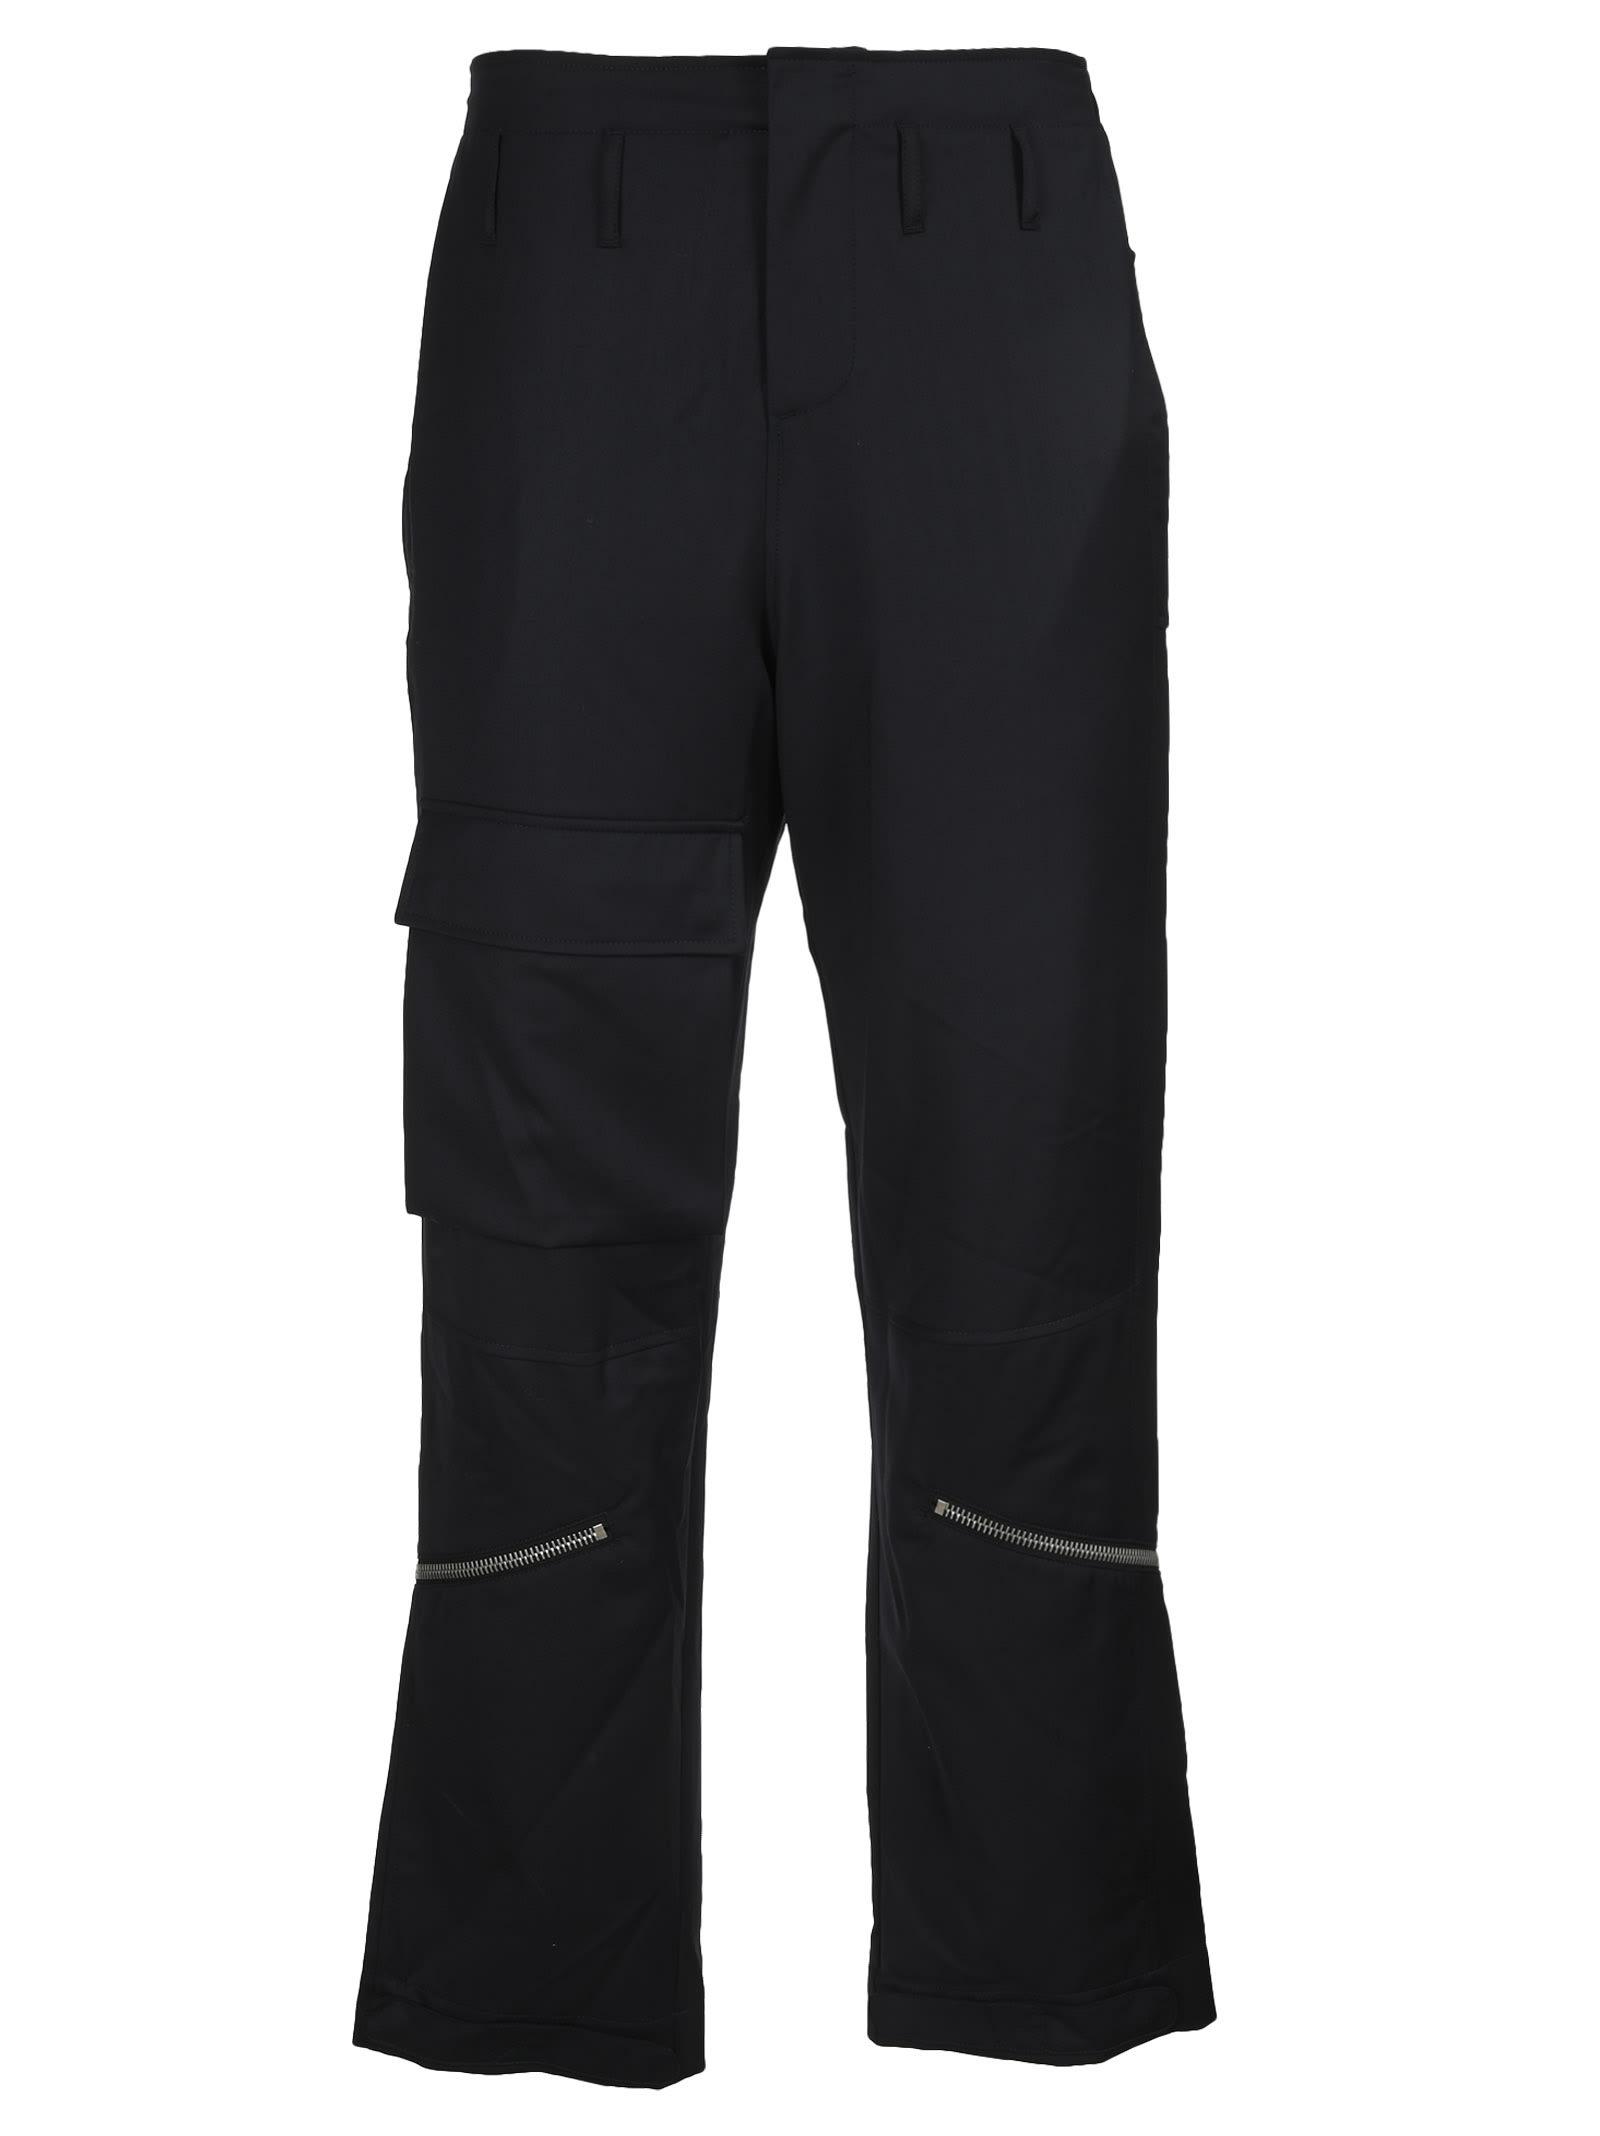 424 Virgin Wool Zip Detail Track Pants